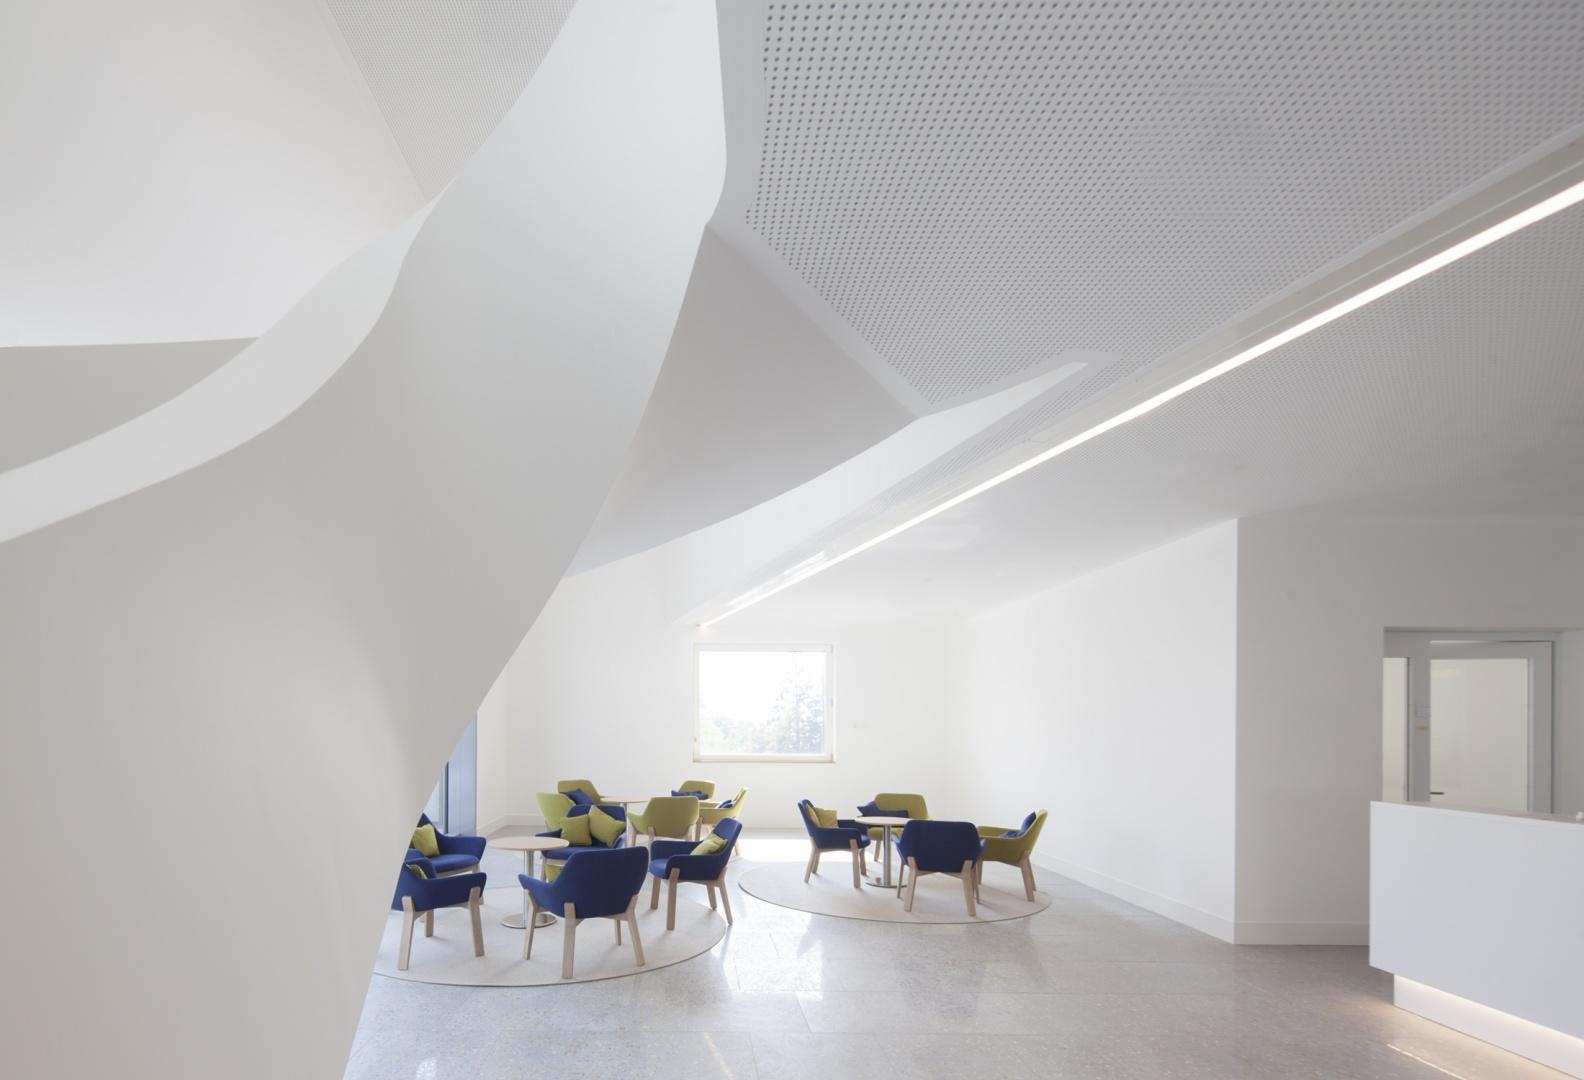 Hôtel des patients, réception © Brauen Wälchli Architectes, Marc Schellenberg